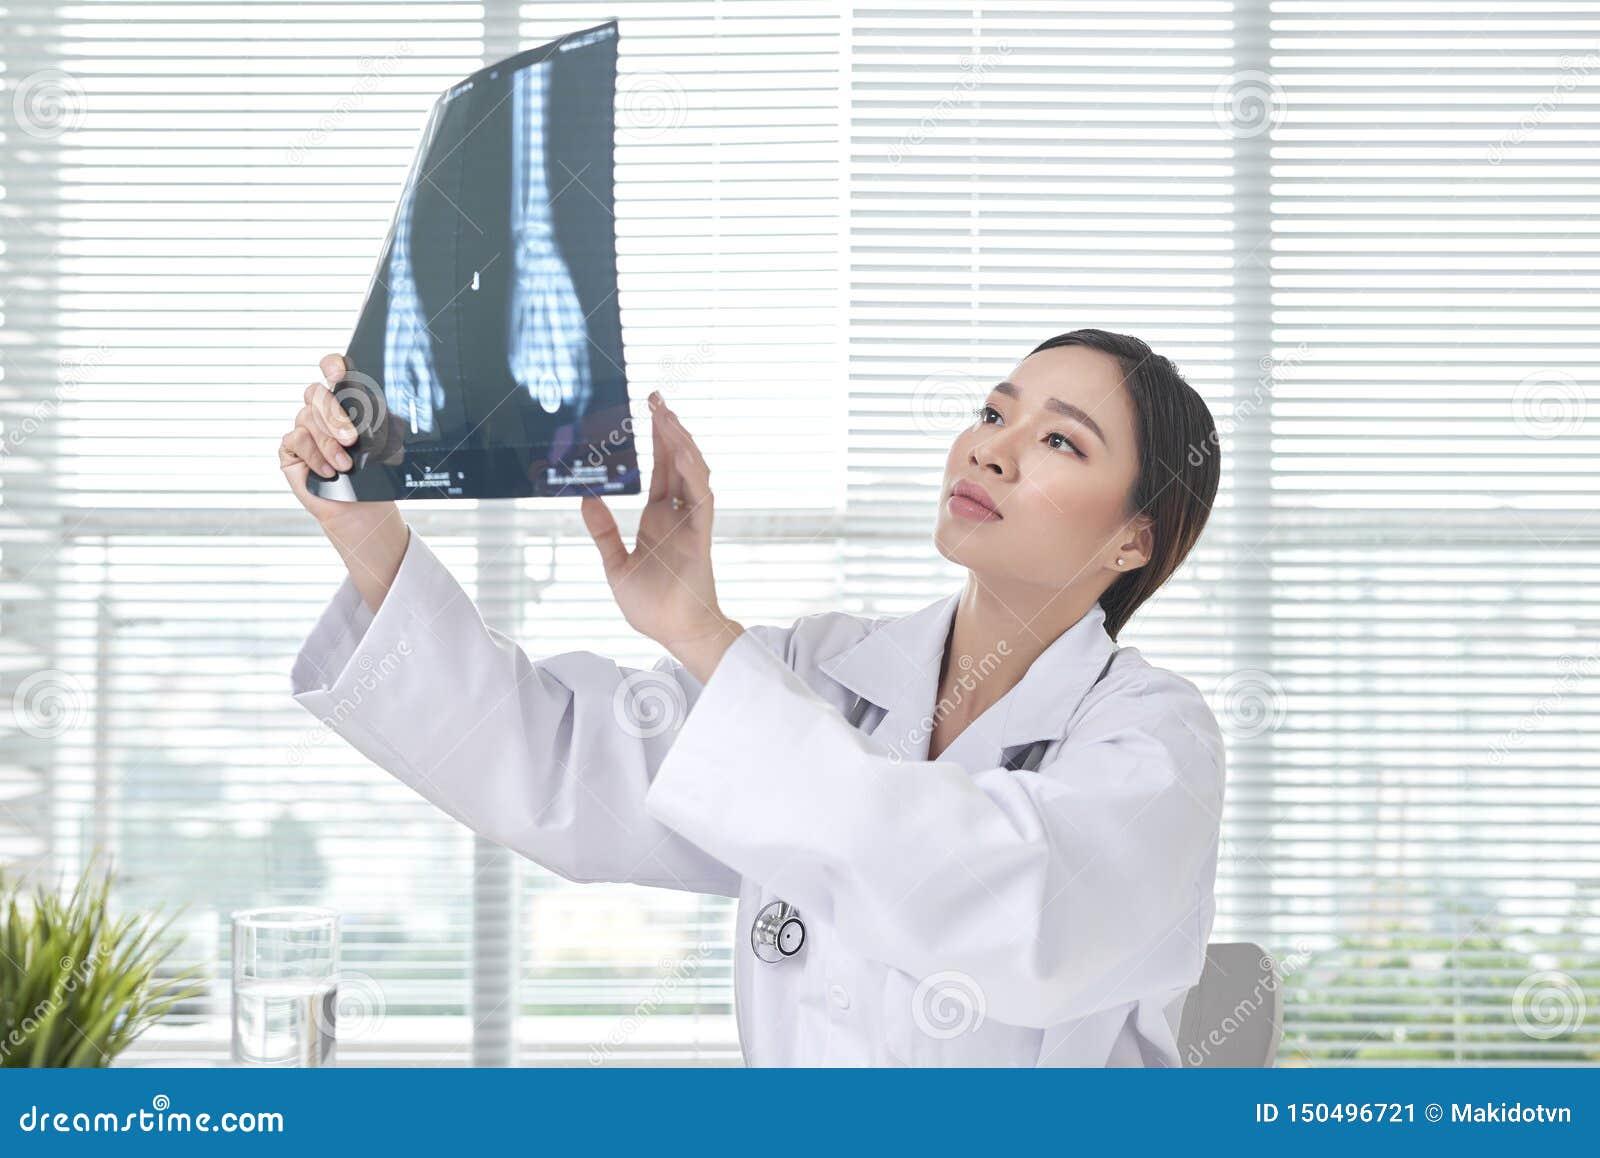 女性医生是被审查的X光片